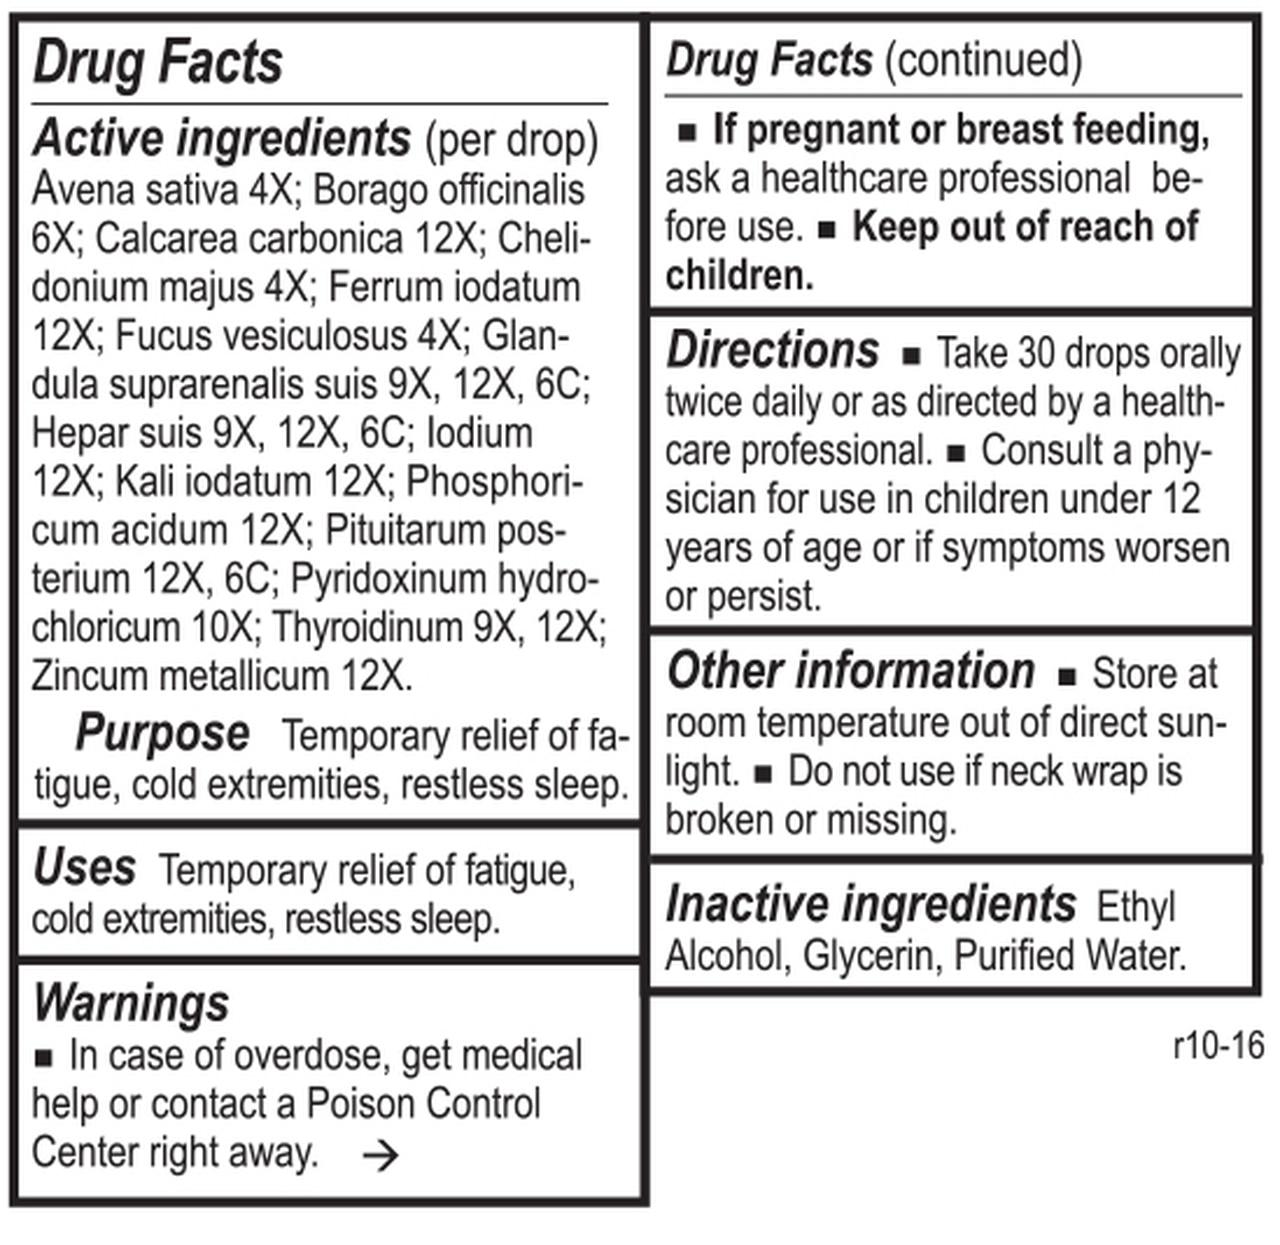 energetix-thyropath-homeopathic-remedy-2-fl-oz.jpg